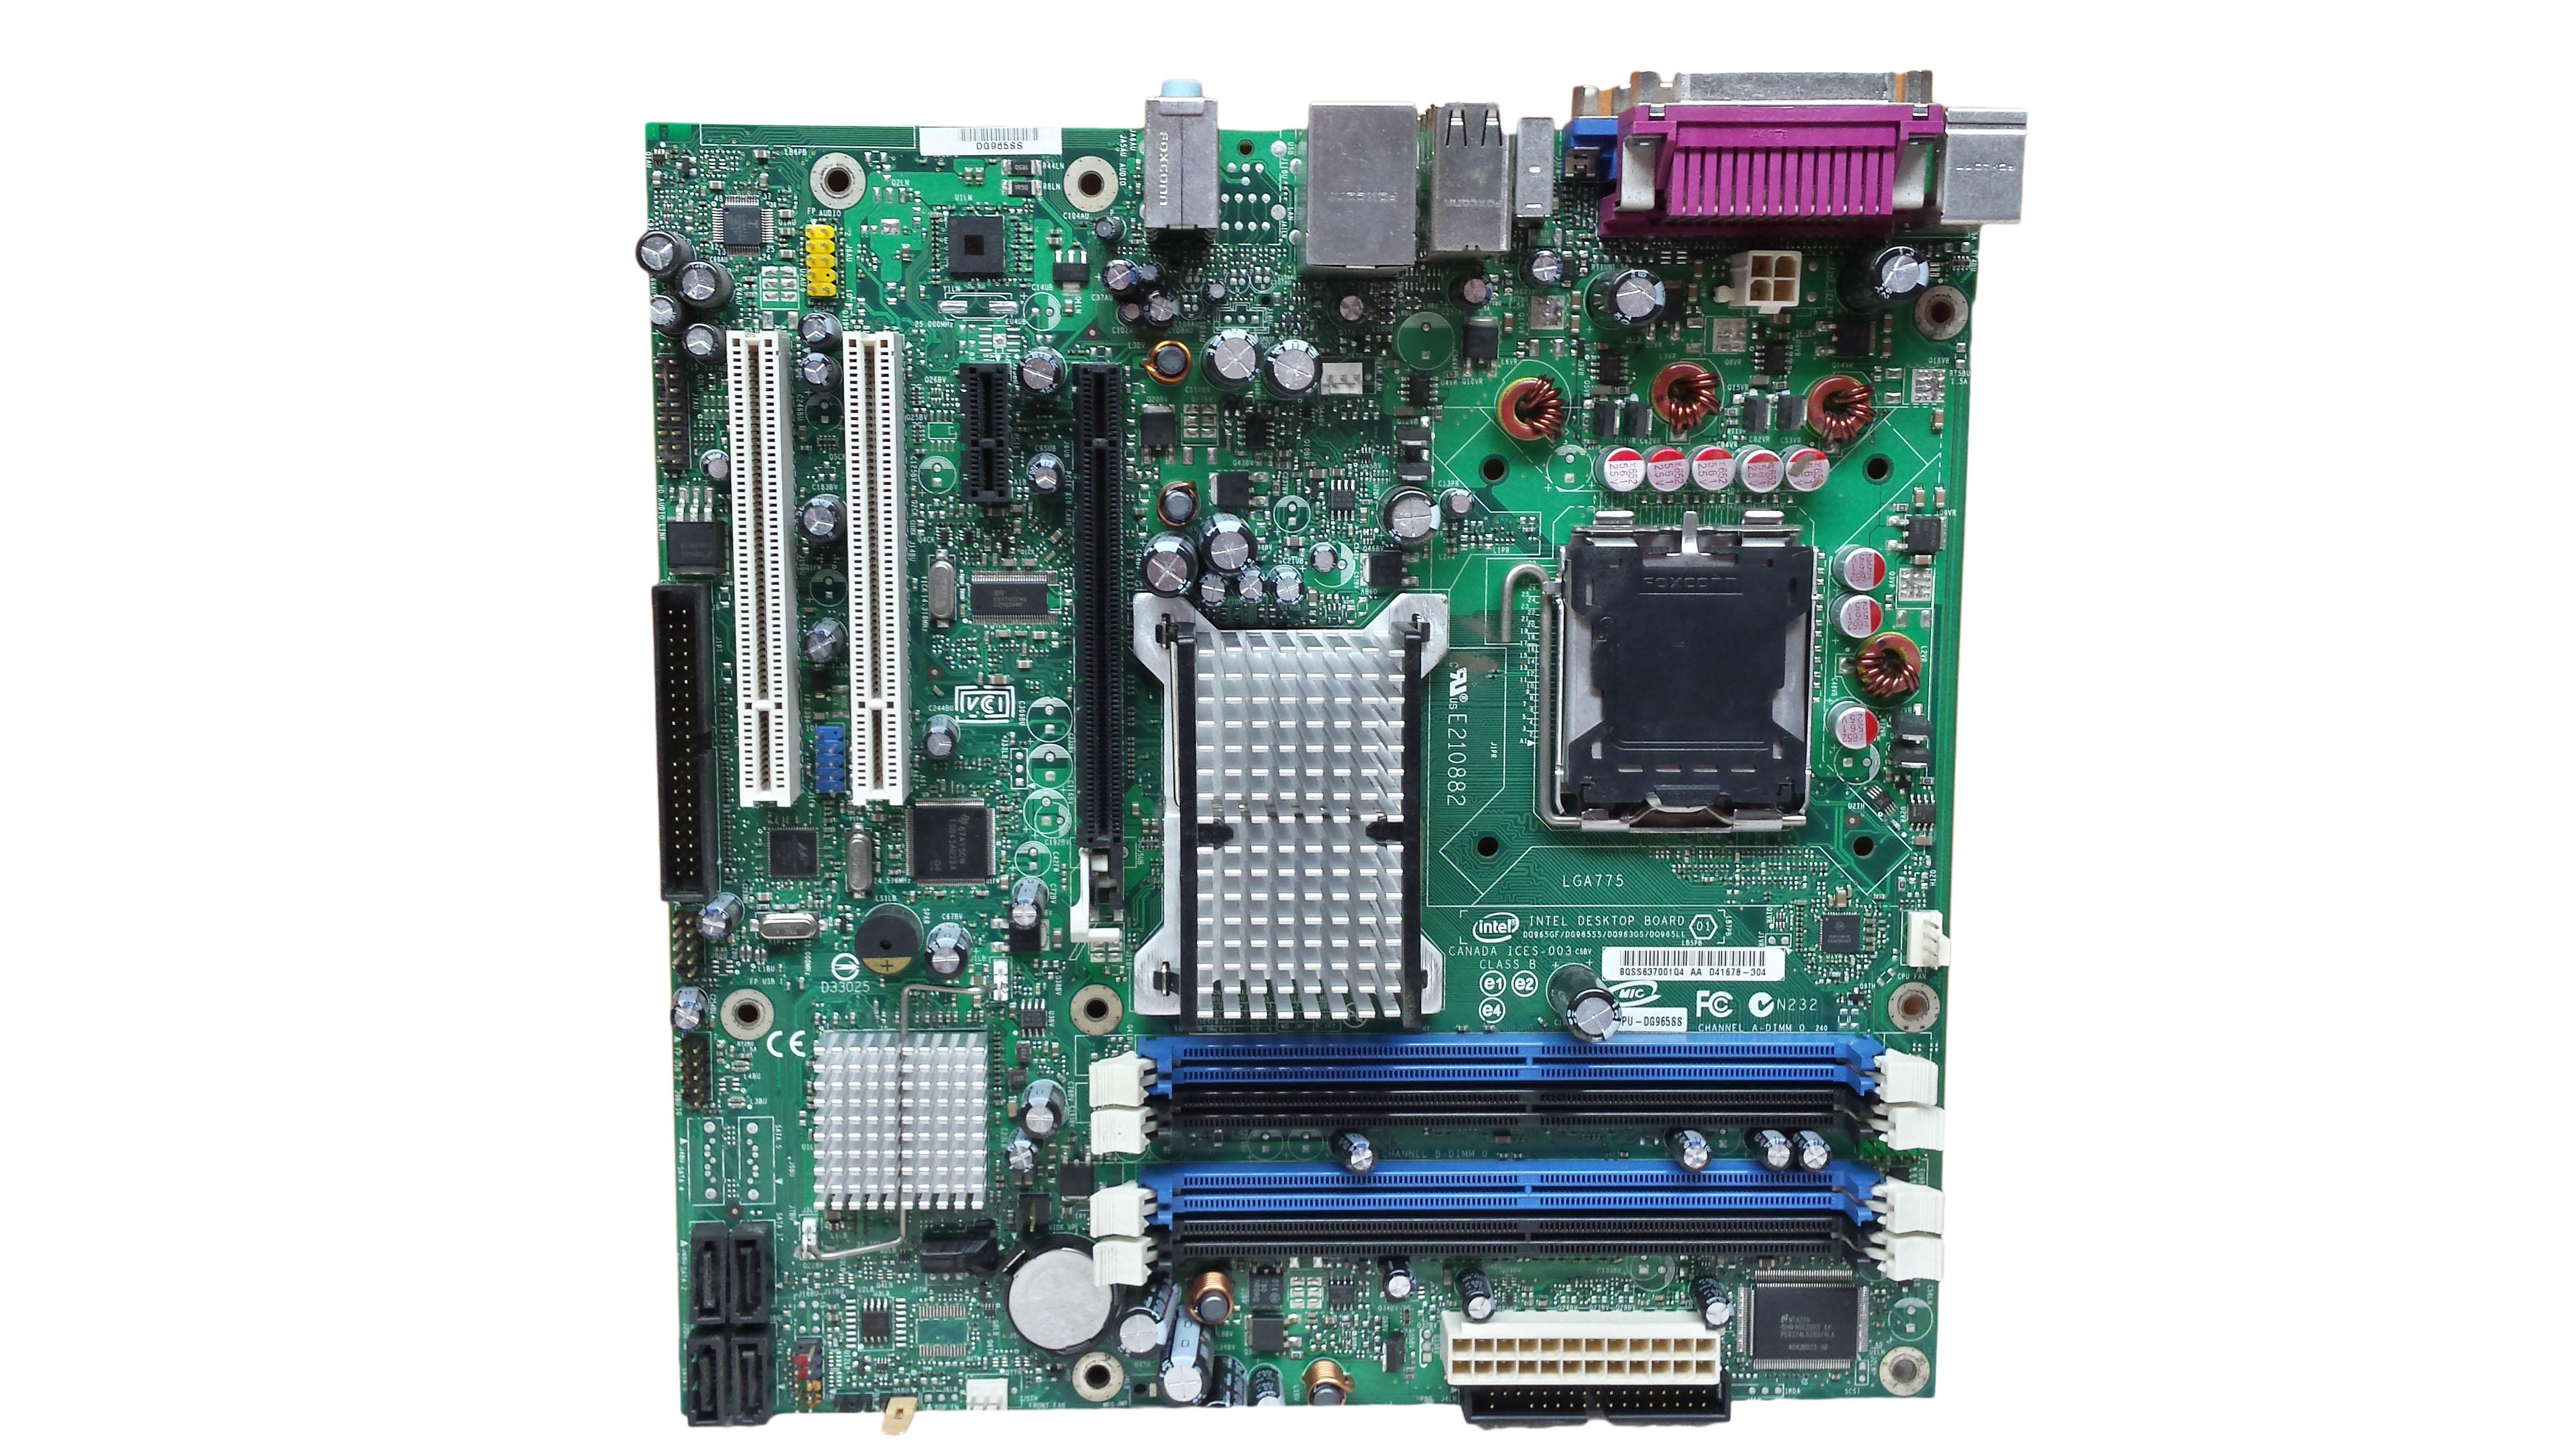 Socket 775 Intel DG965SS,DDR2